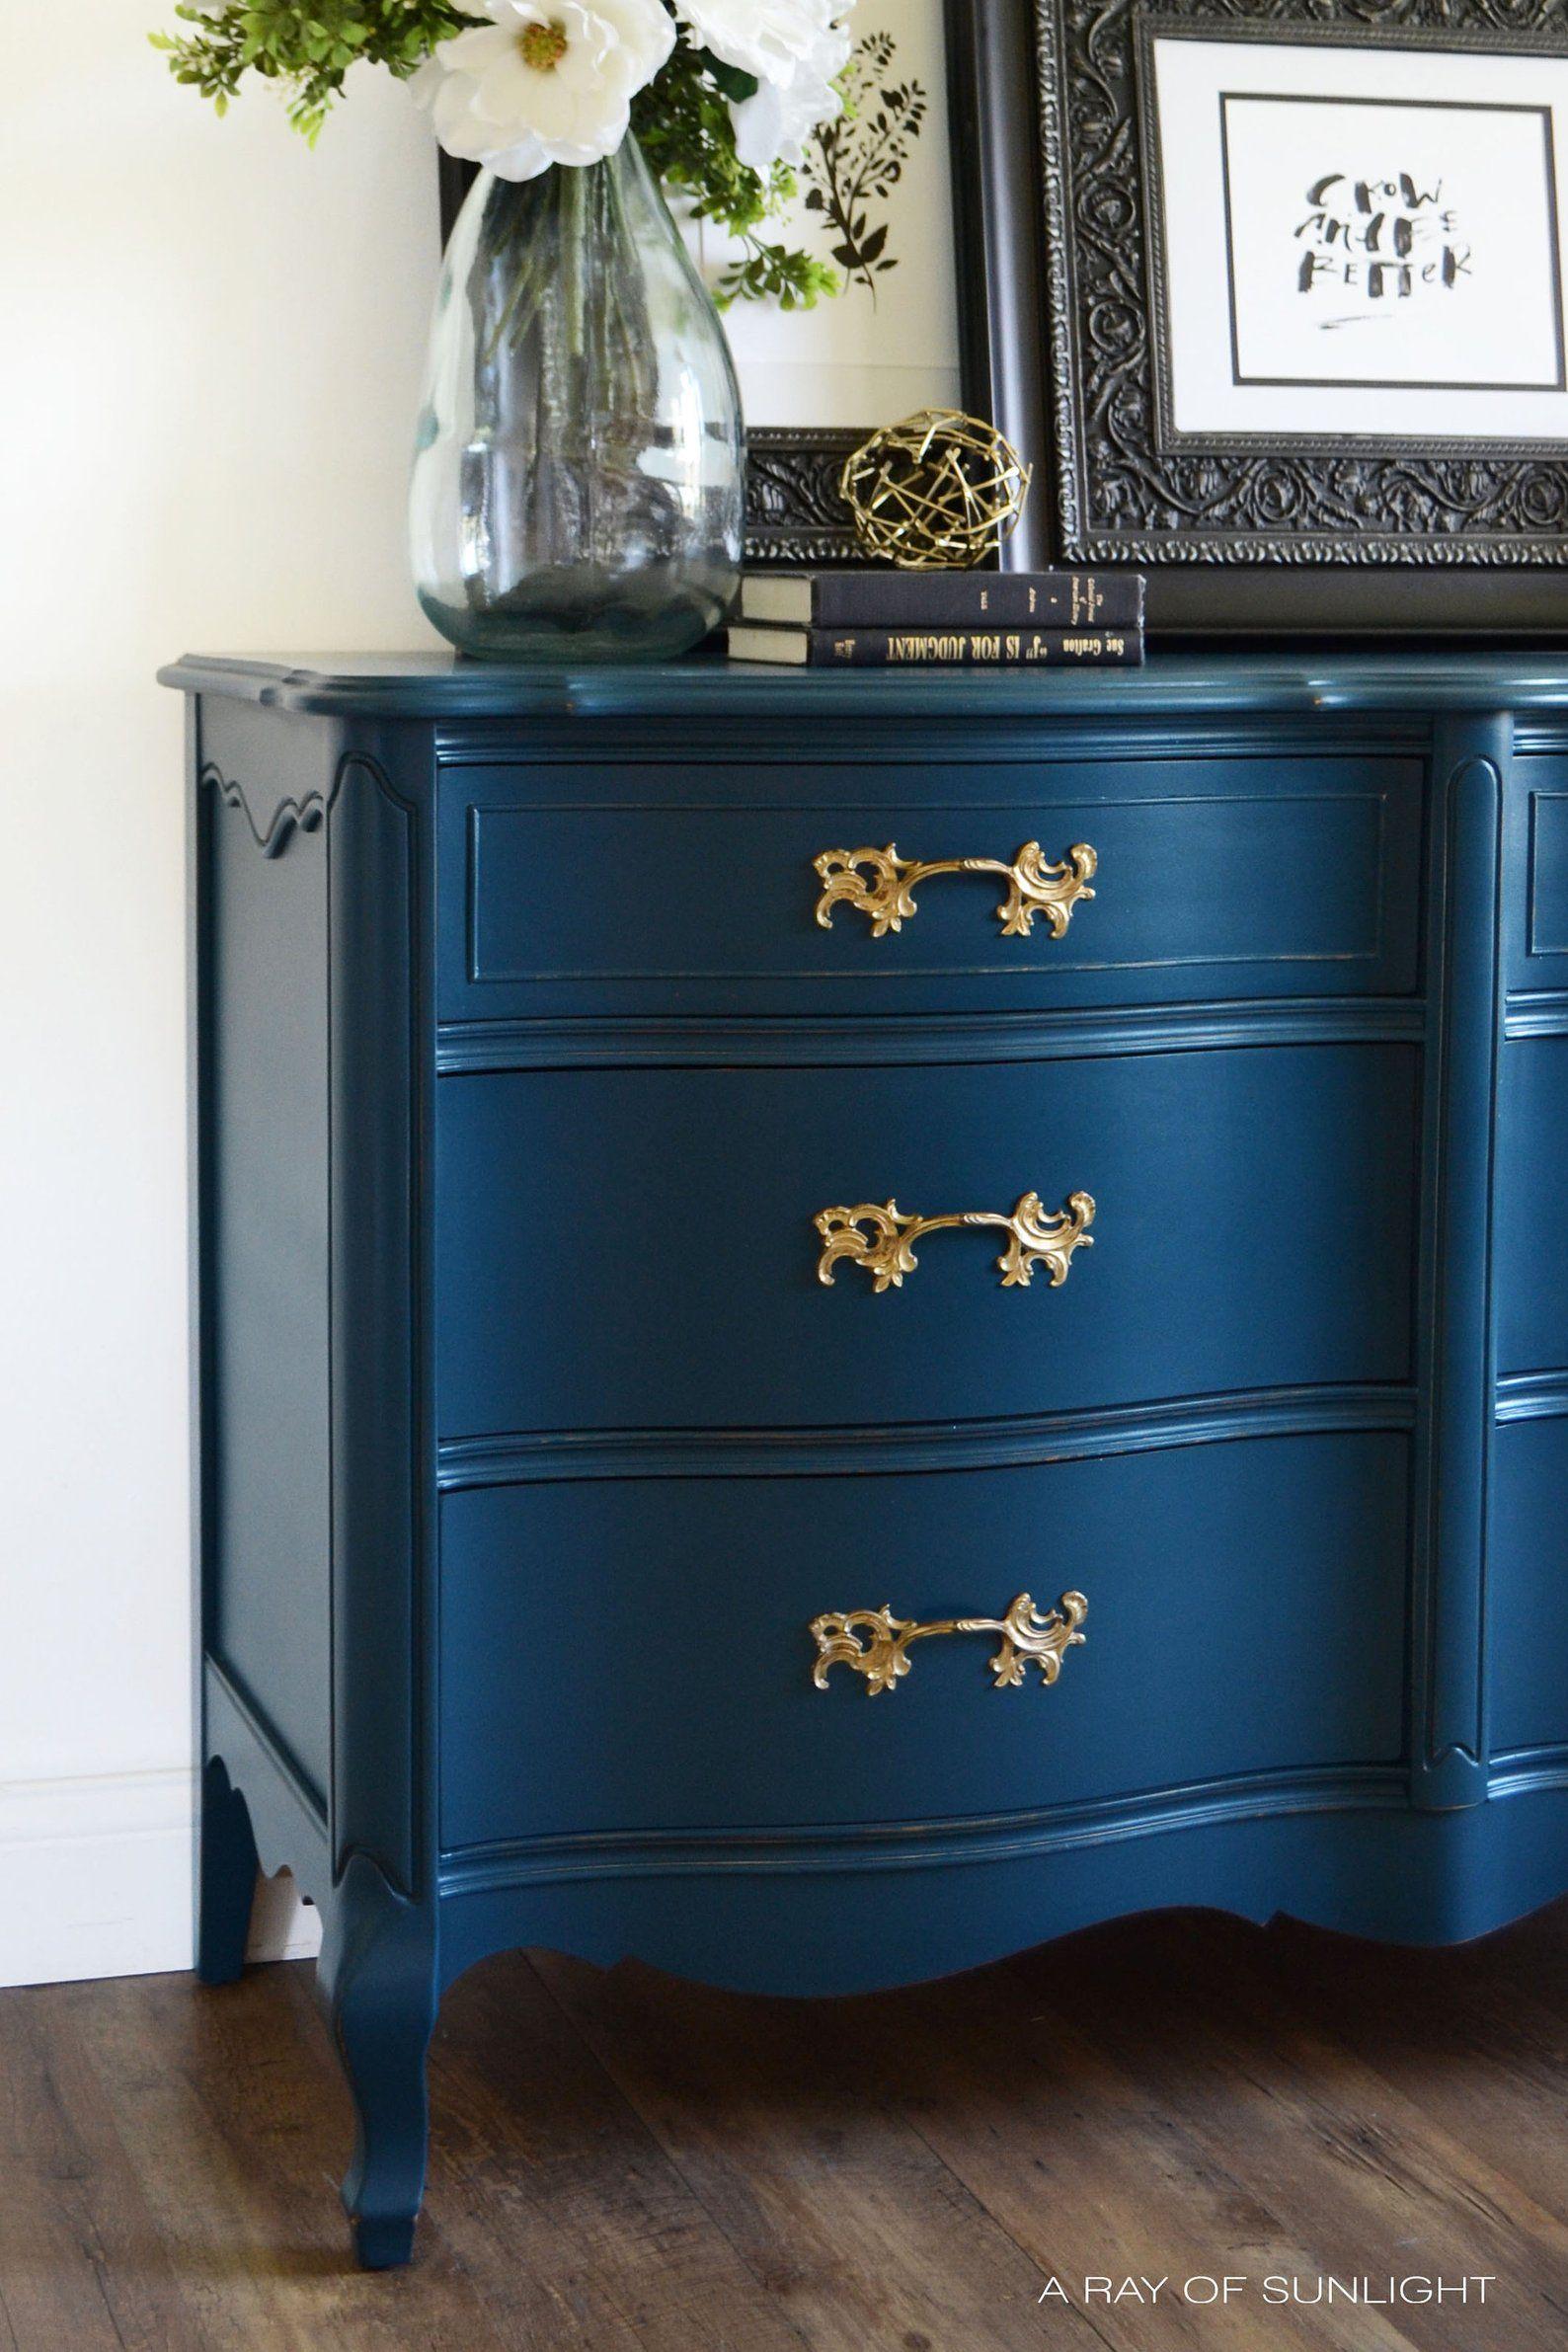 Sold Out Navy Blue Dresser Gold Hardware Vintage Etsy French Provincial Dresser Furniture Makeover Vintage Bedroom Furniture [ 2382 x 1588 Pixel ]